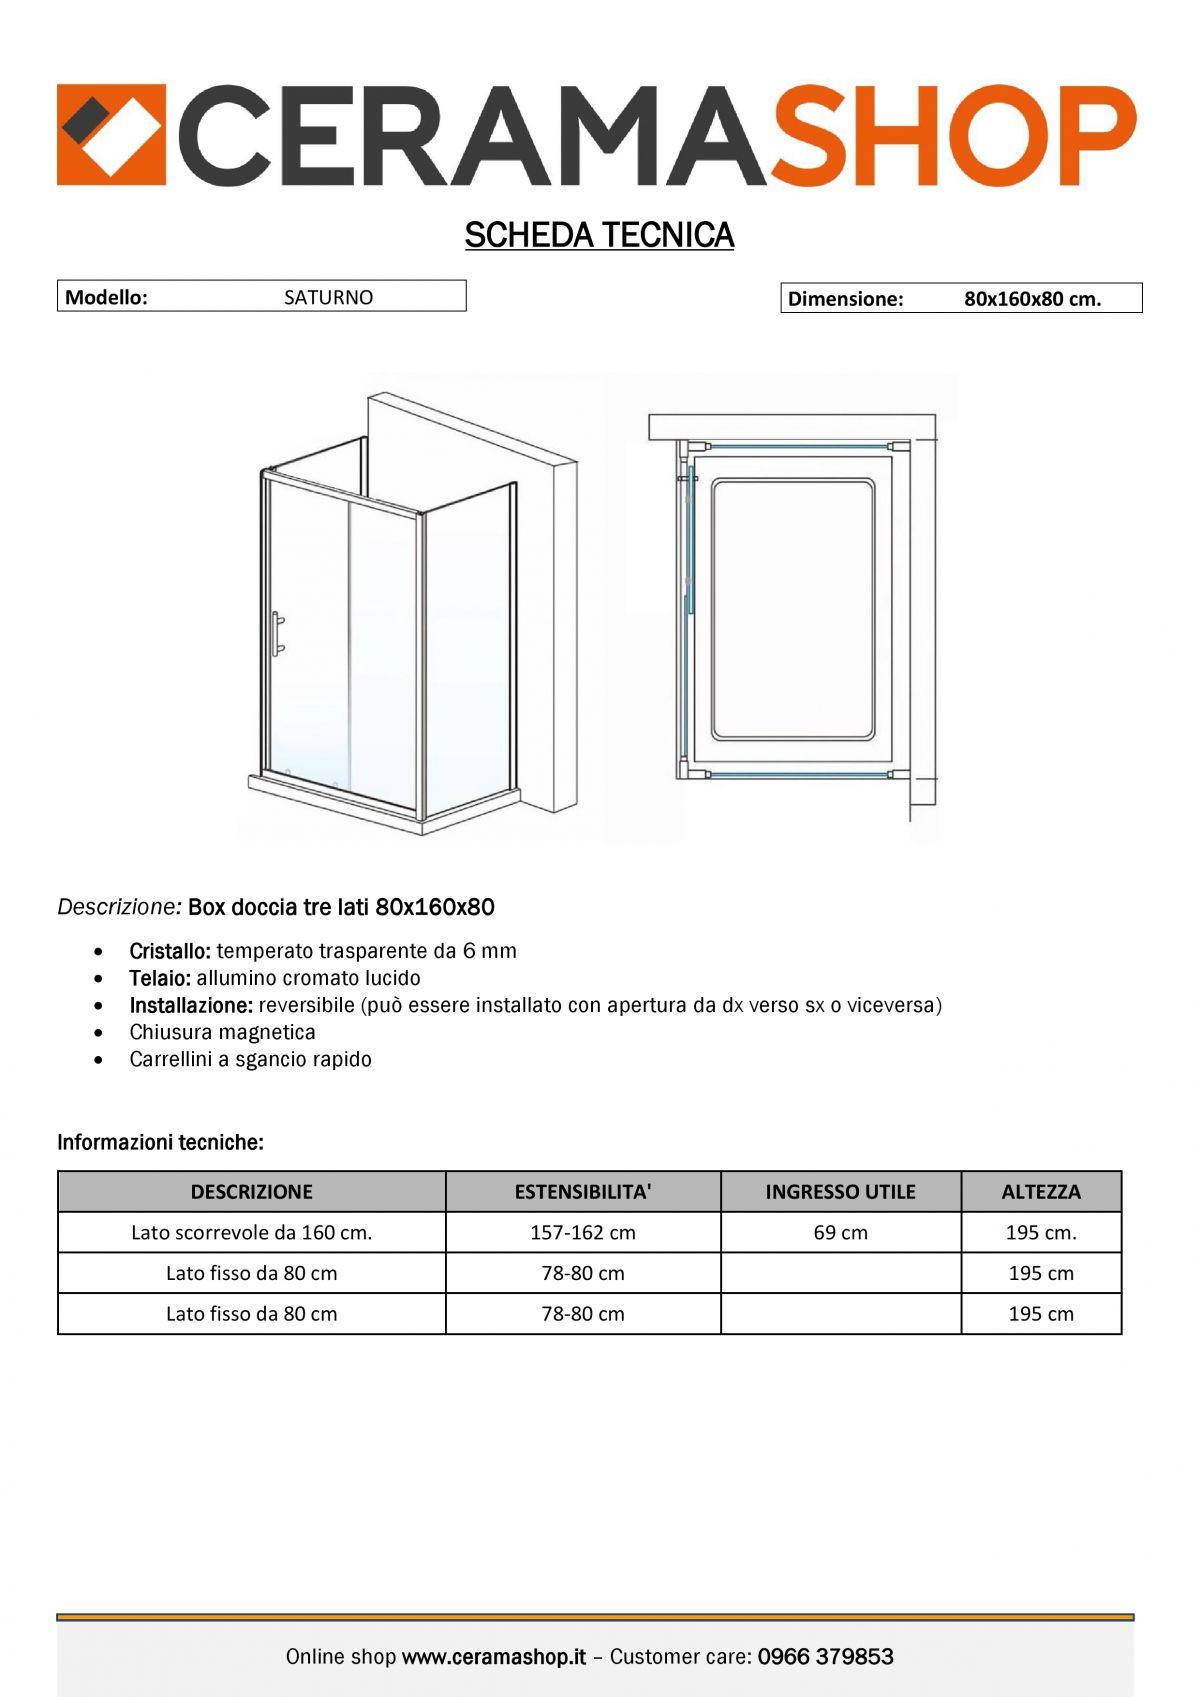 """80x160x80 0000012 scaled Box Cabina doccia tre lati """"Saturno"""" 80x160x80 cm scorrevole cristallo trasparente 6 mm"""